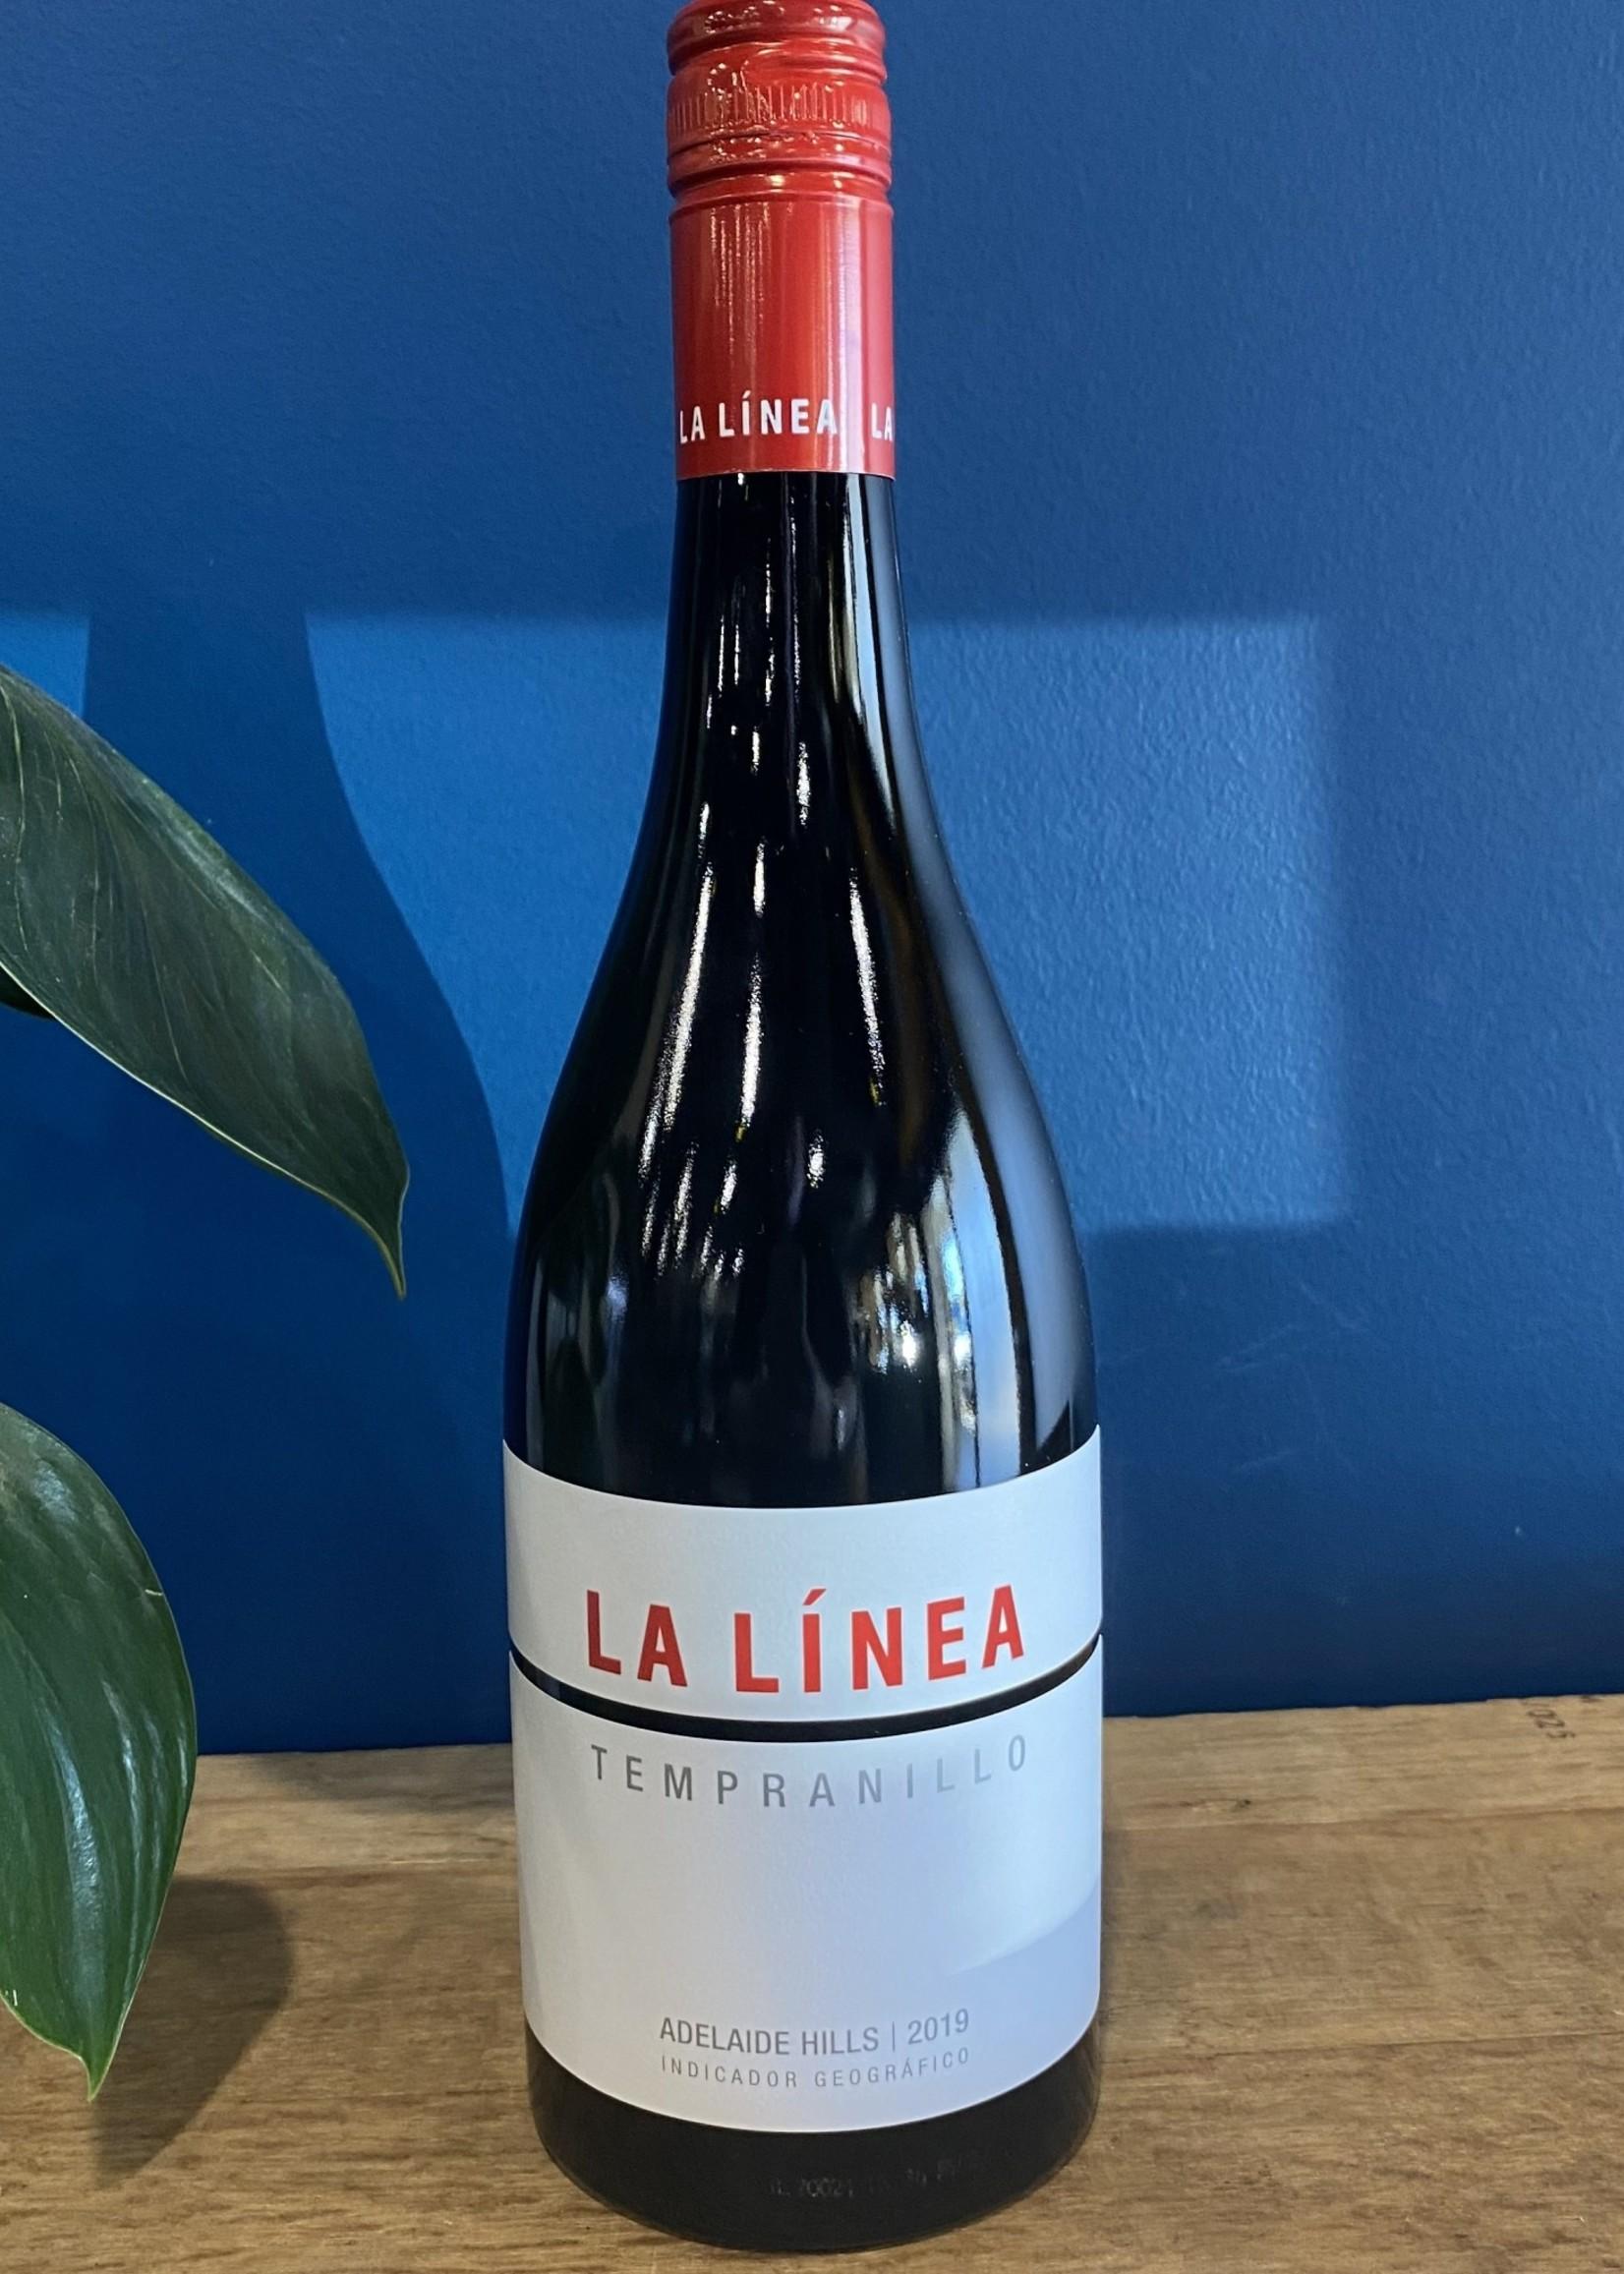 La Linea La Linea Tempranillo 2019